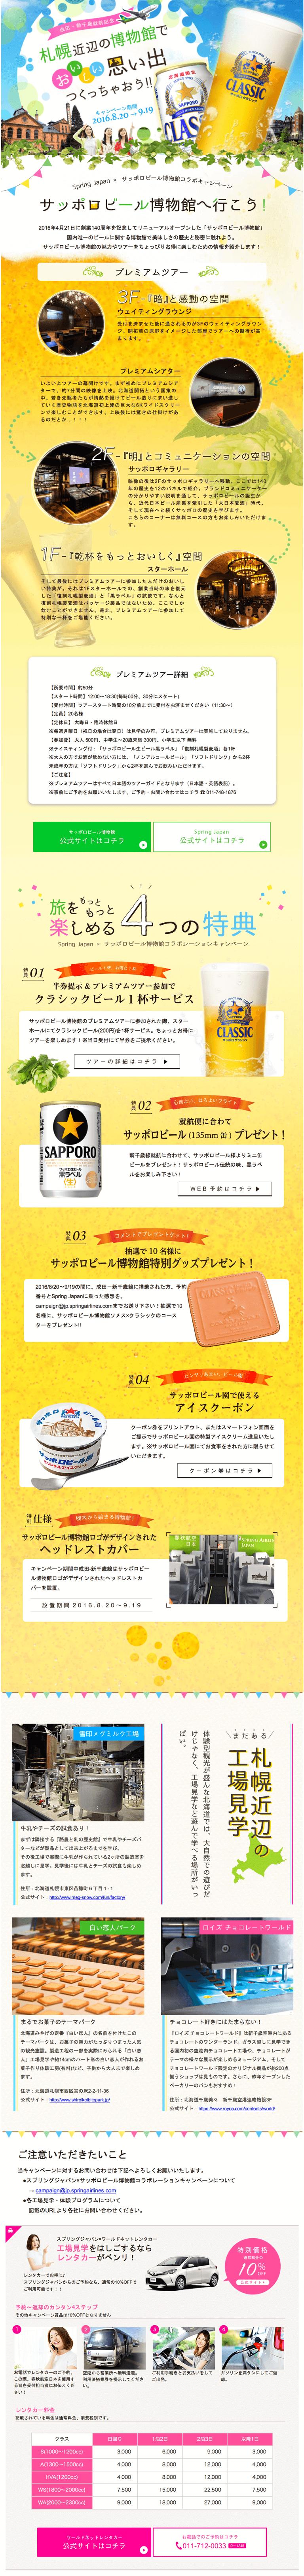 サッポロビール博物館へ行こう_comp